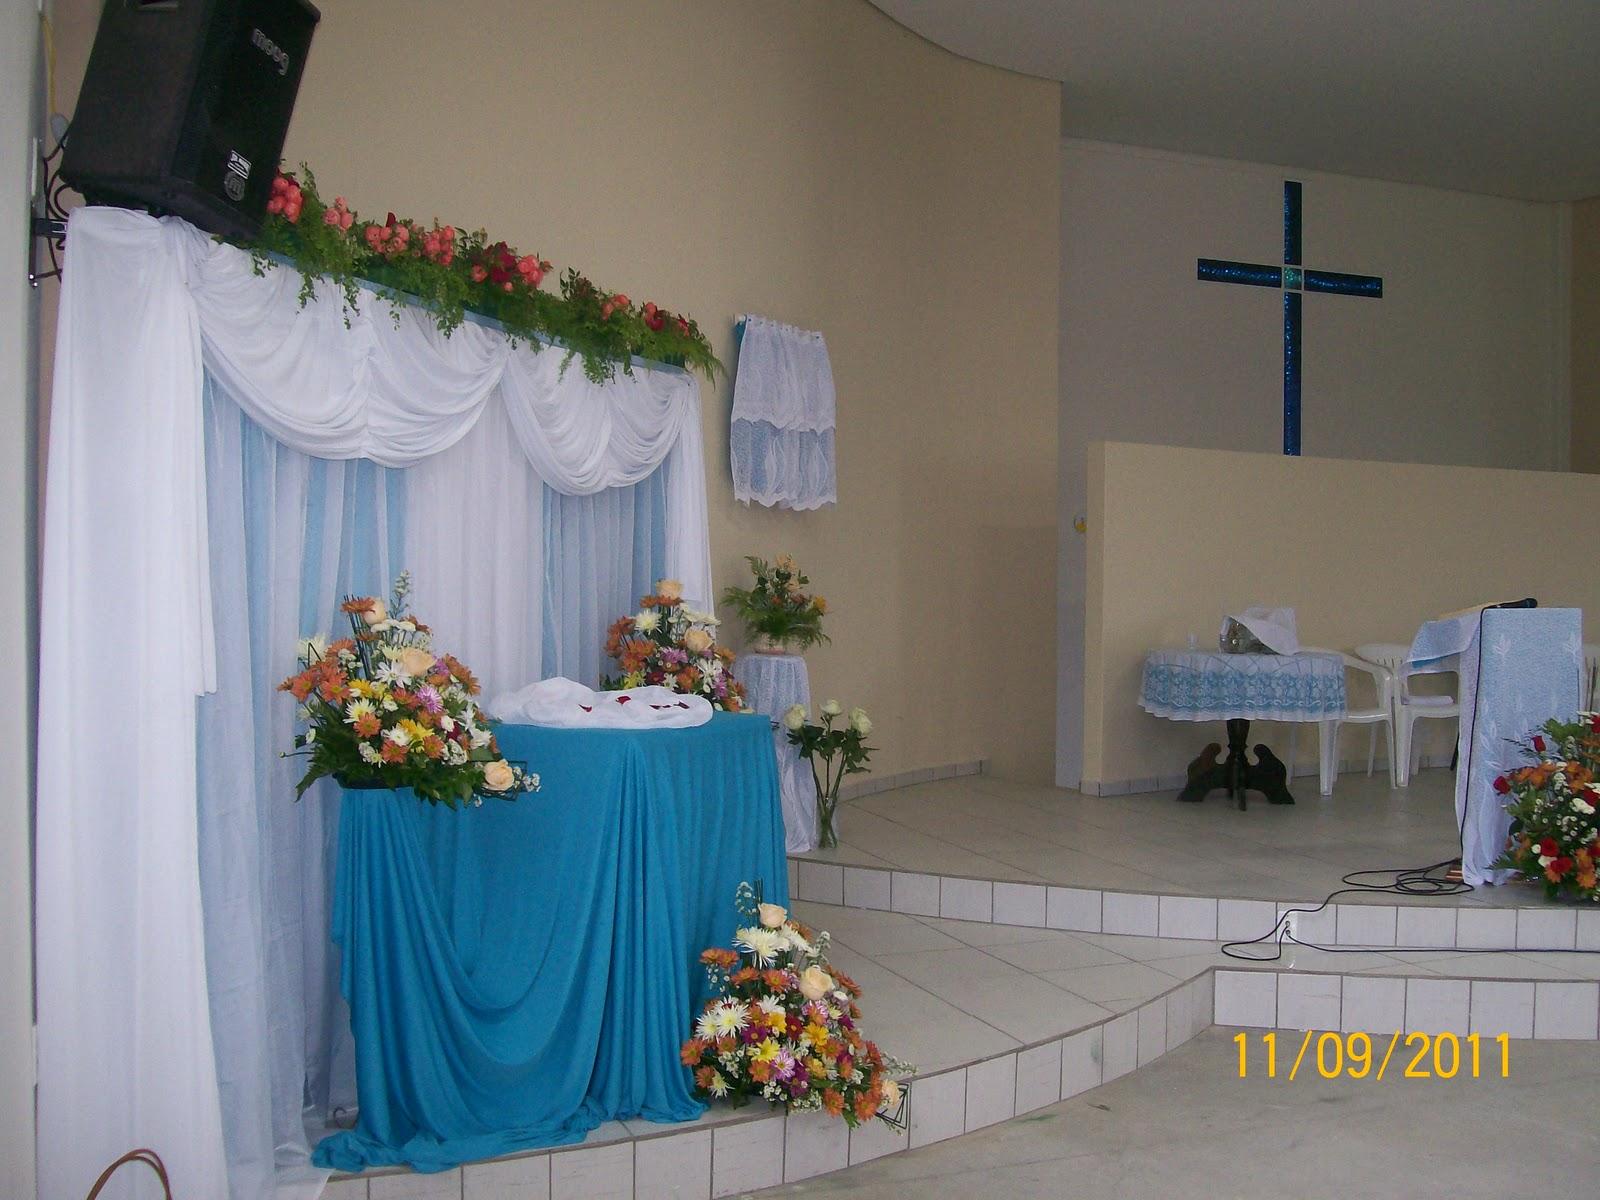 Festa De Nossa Senhora Aparecida: Capela Nossa Senhora Aparecida: Festa De Nossa Senhora